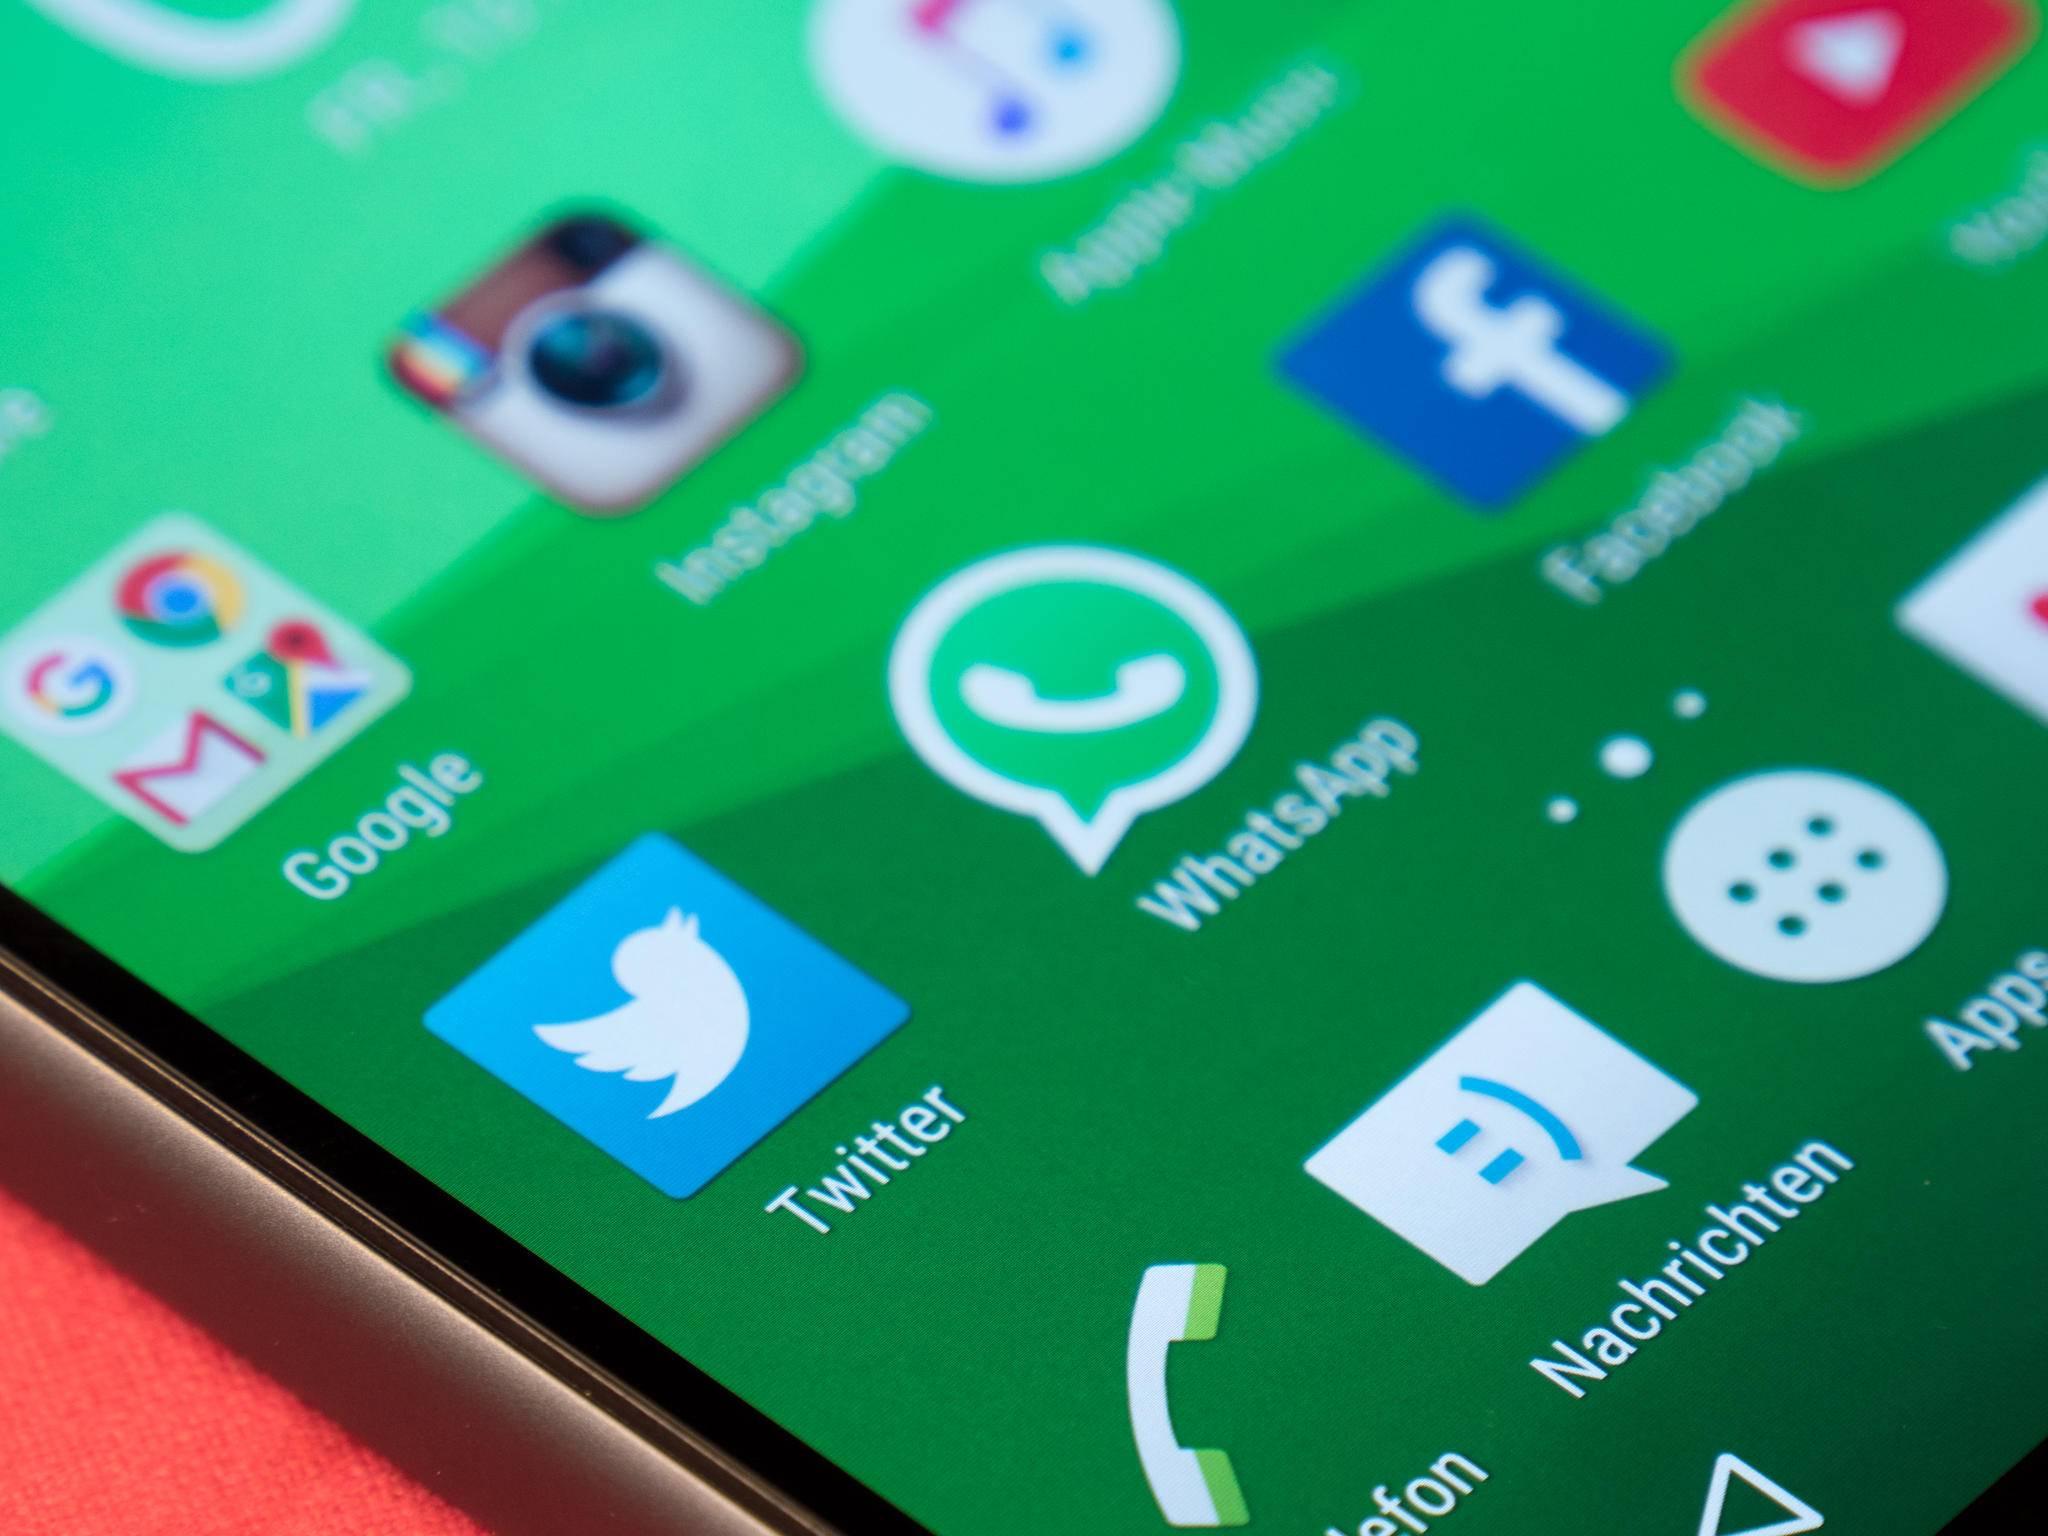 WhatsApp-Videotelefonie: Rollout der Video-Calls steht an